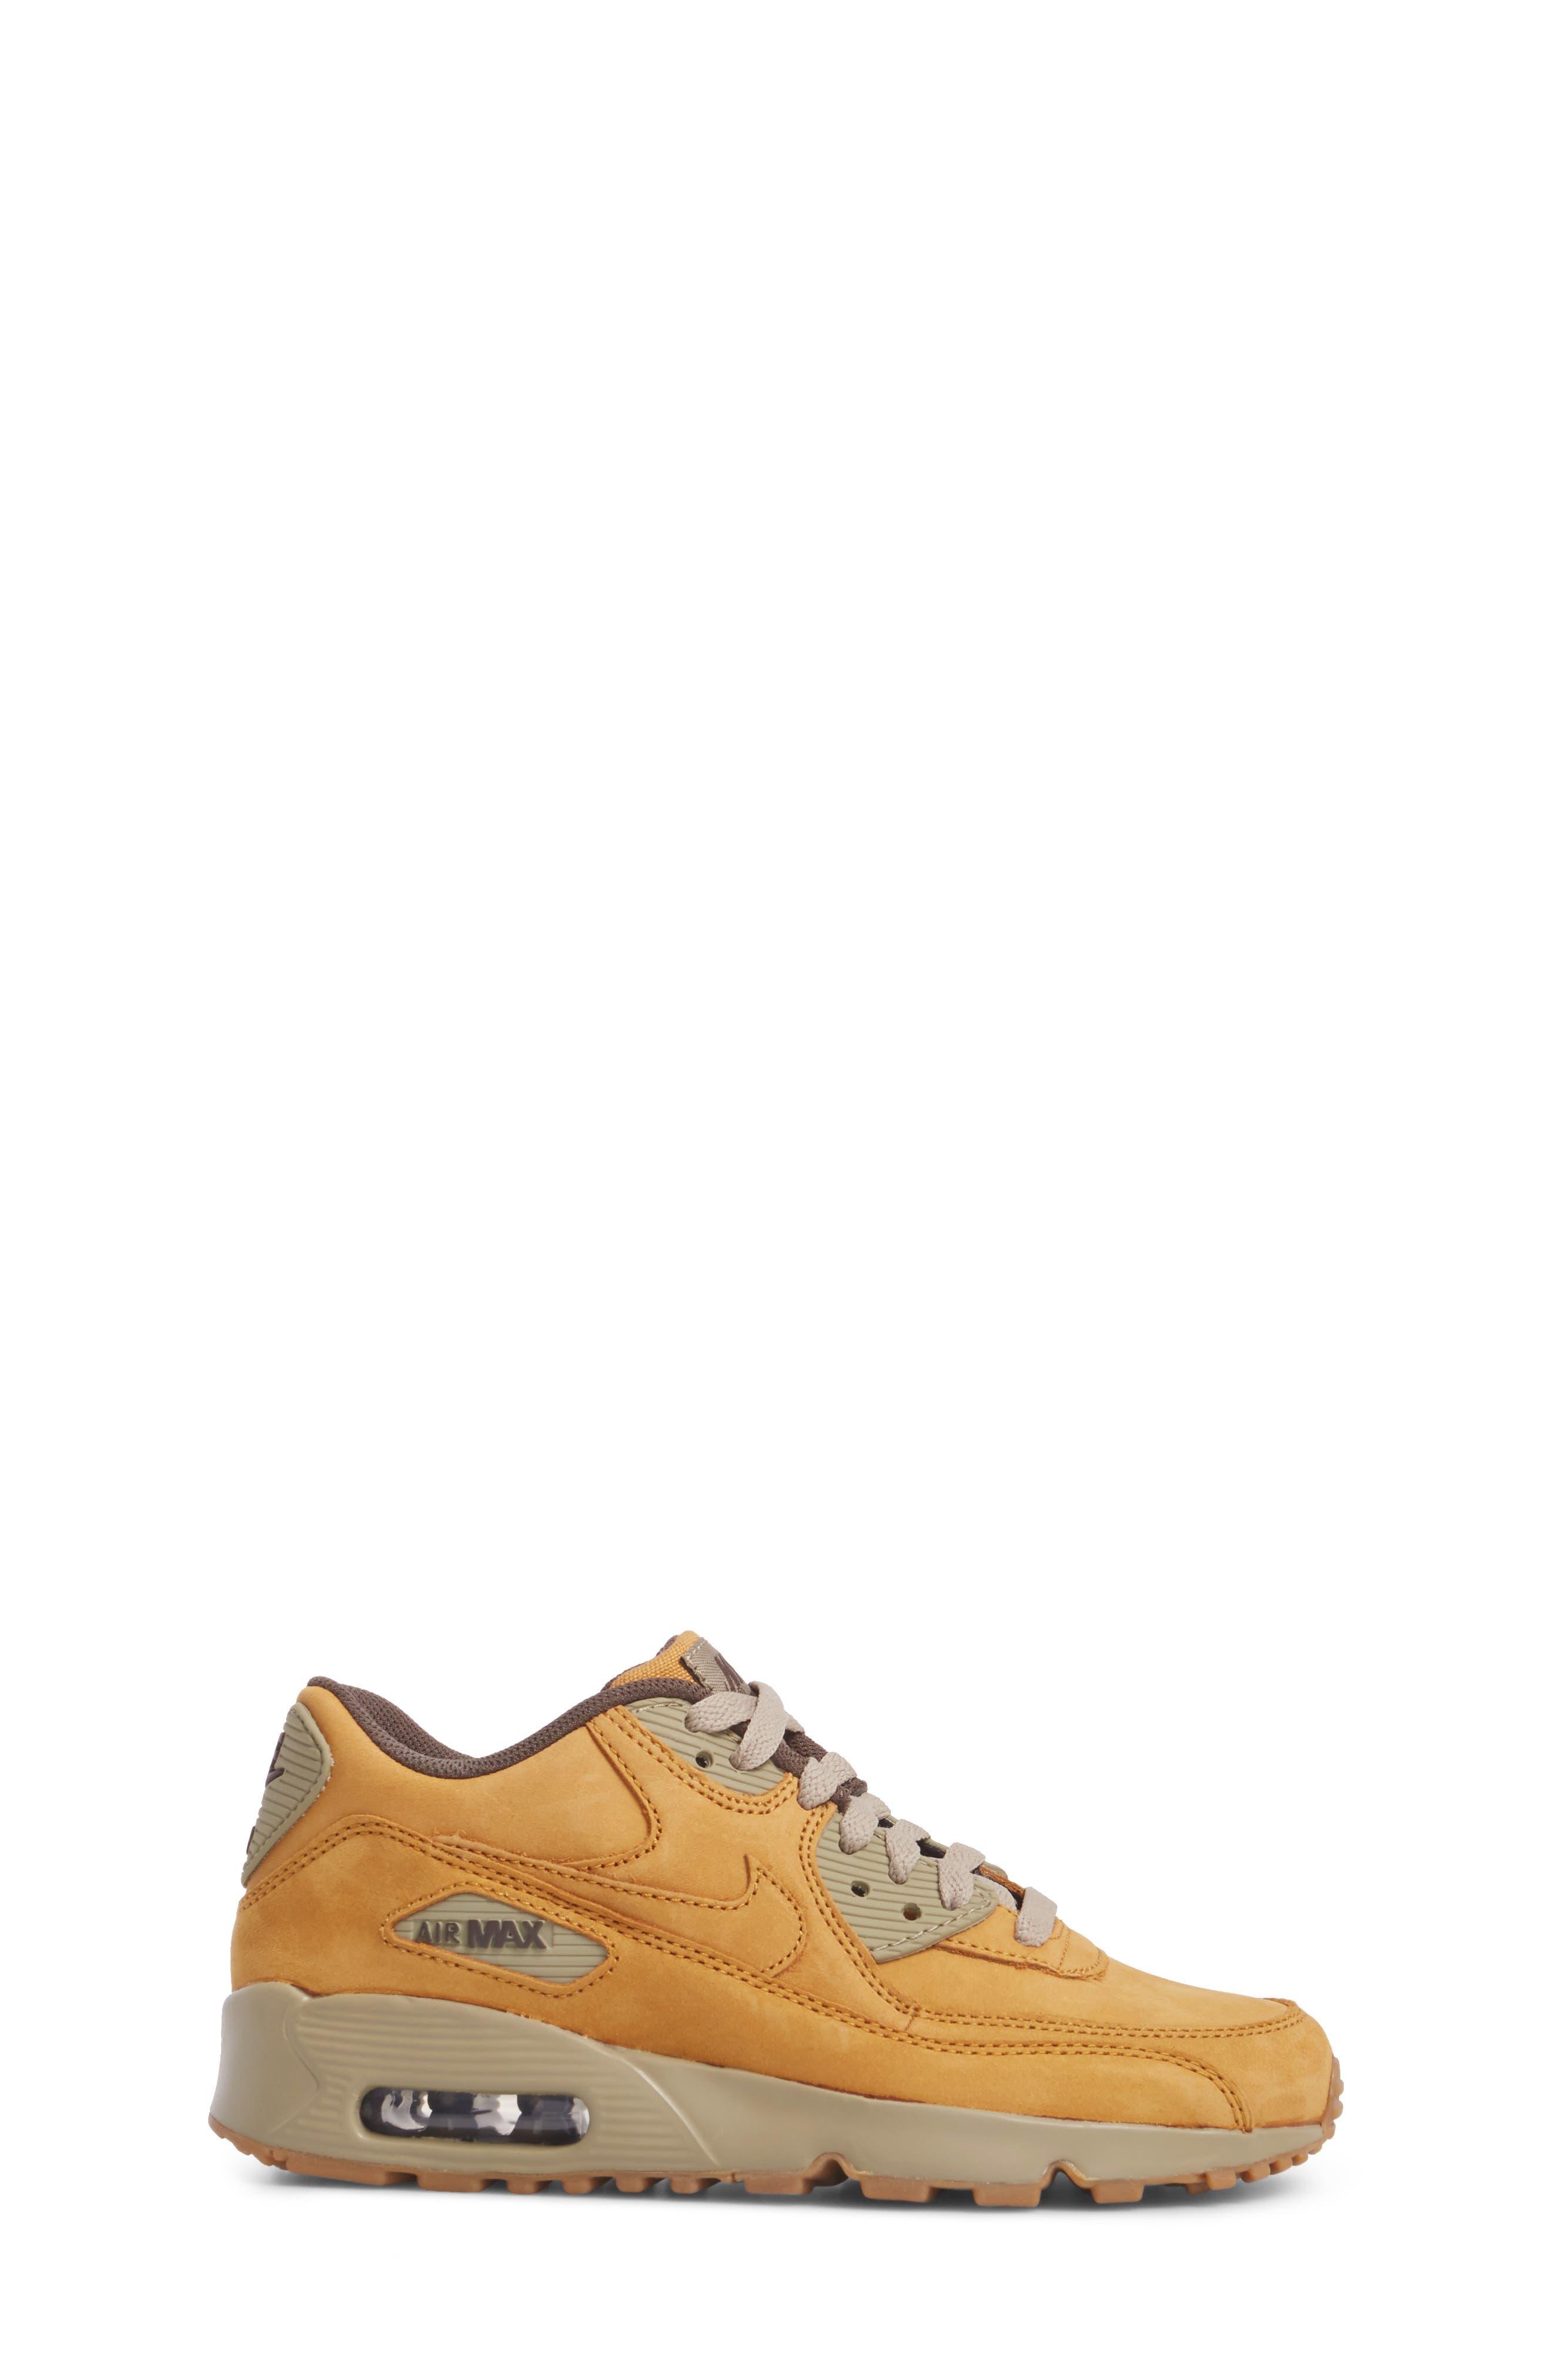 Air Max 90 Winter Premium Sneaker,                             Alternate thumbnail 3, color,                             BRONZE